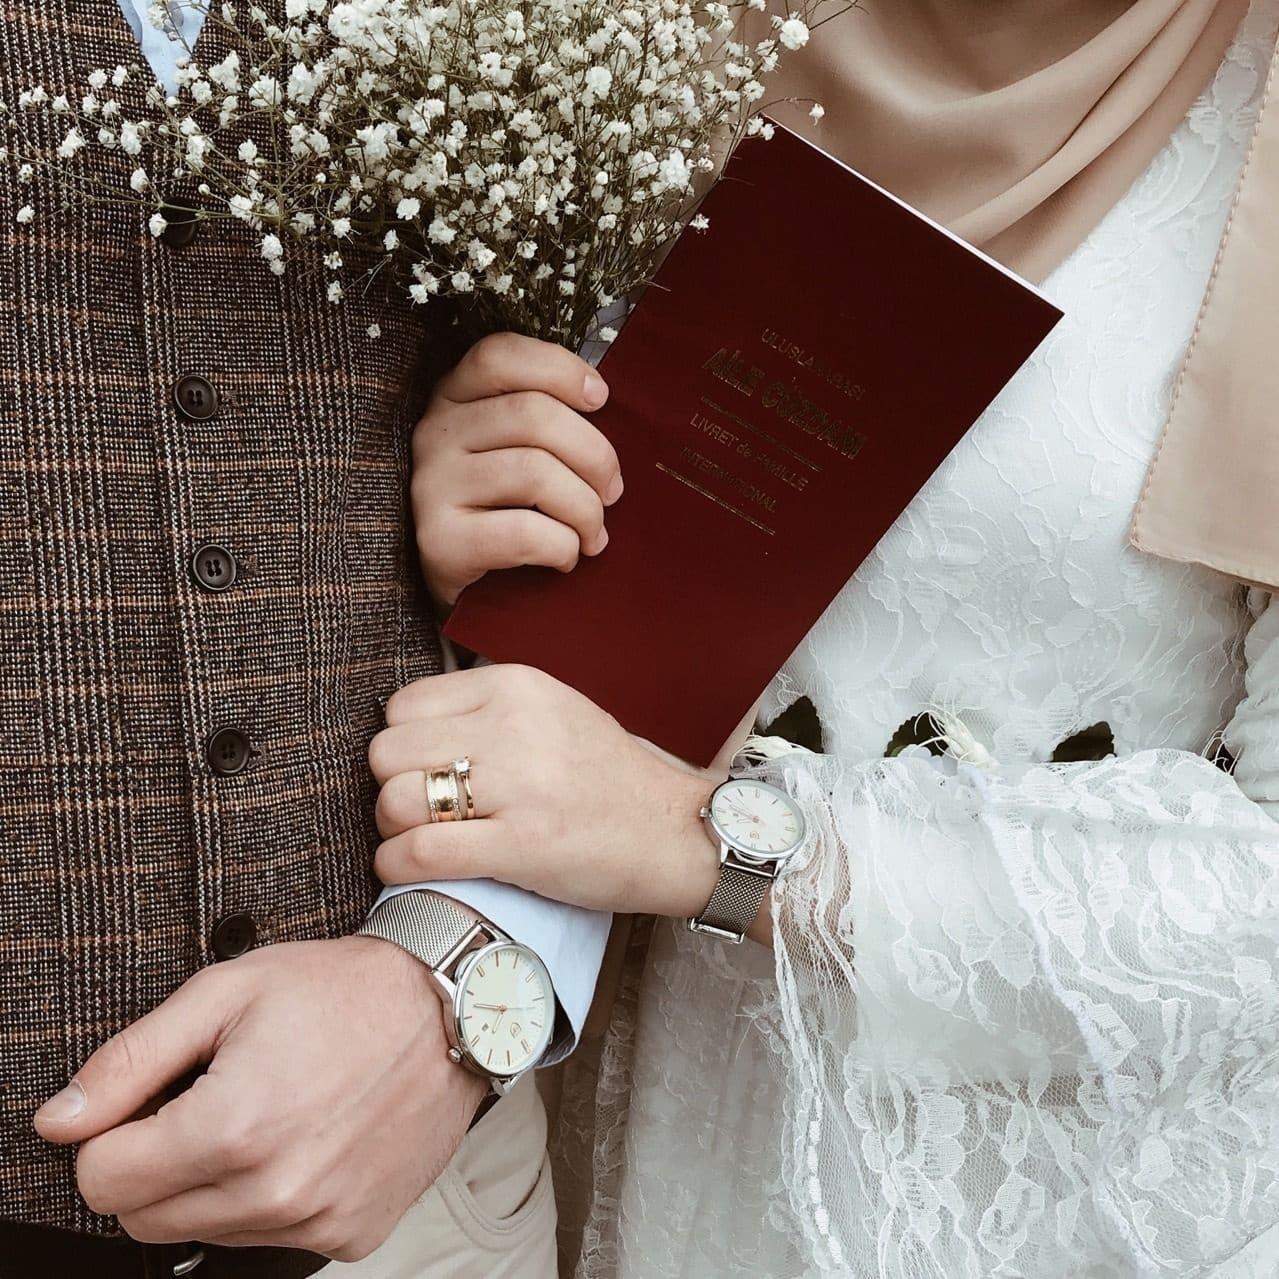 Keutamaan Taat Kepada Suami